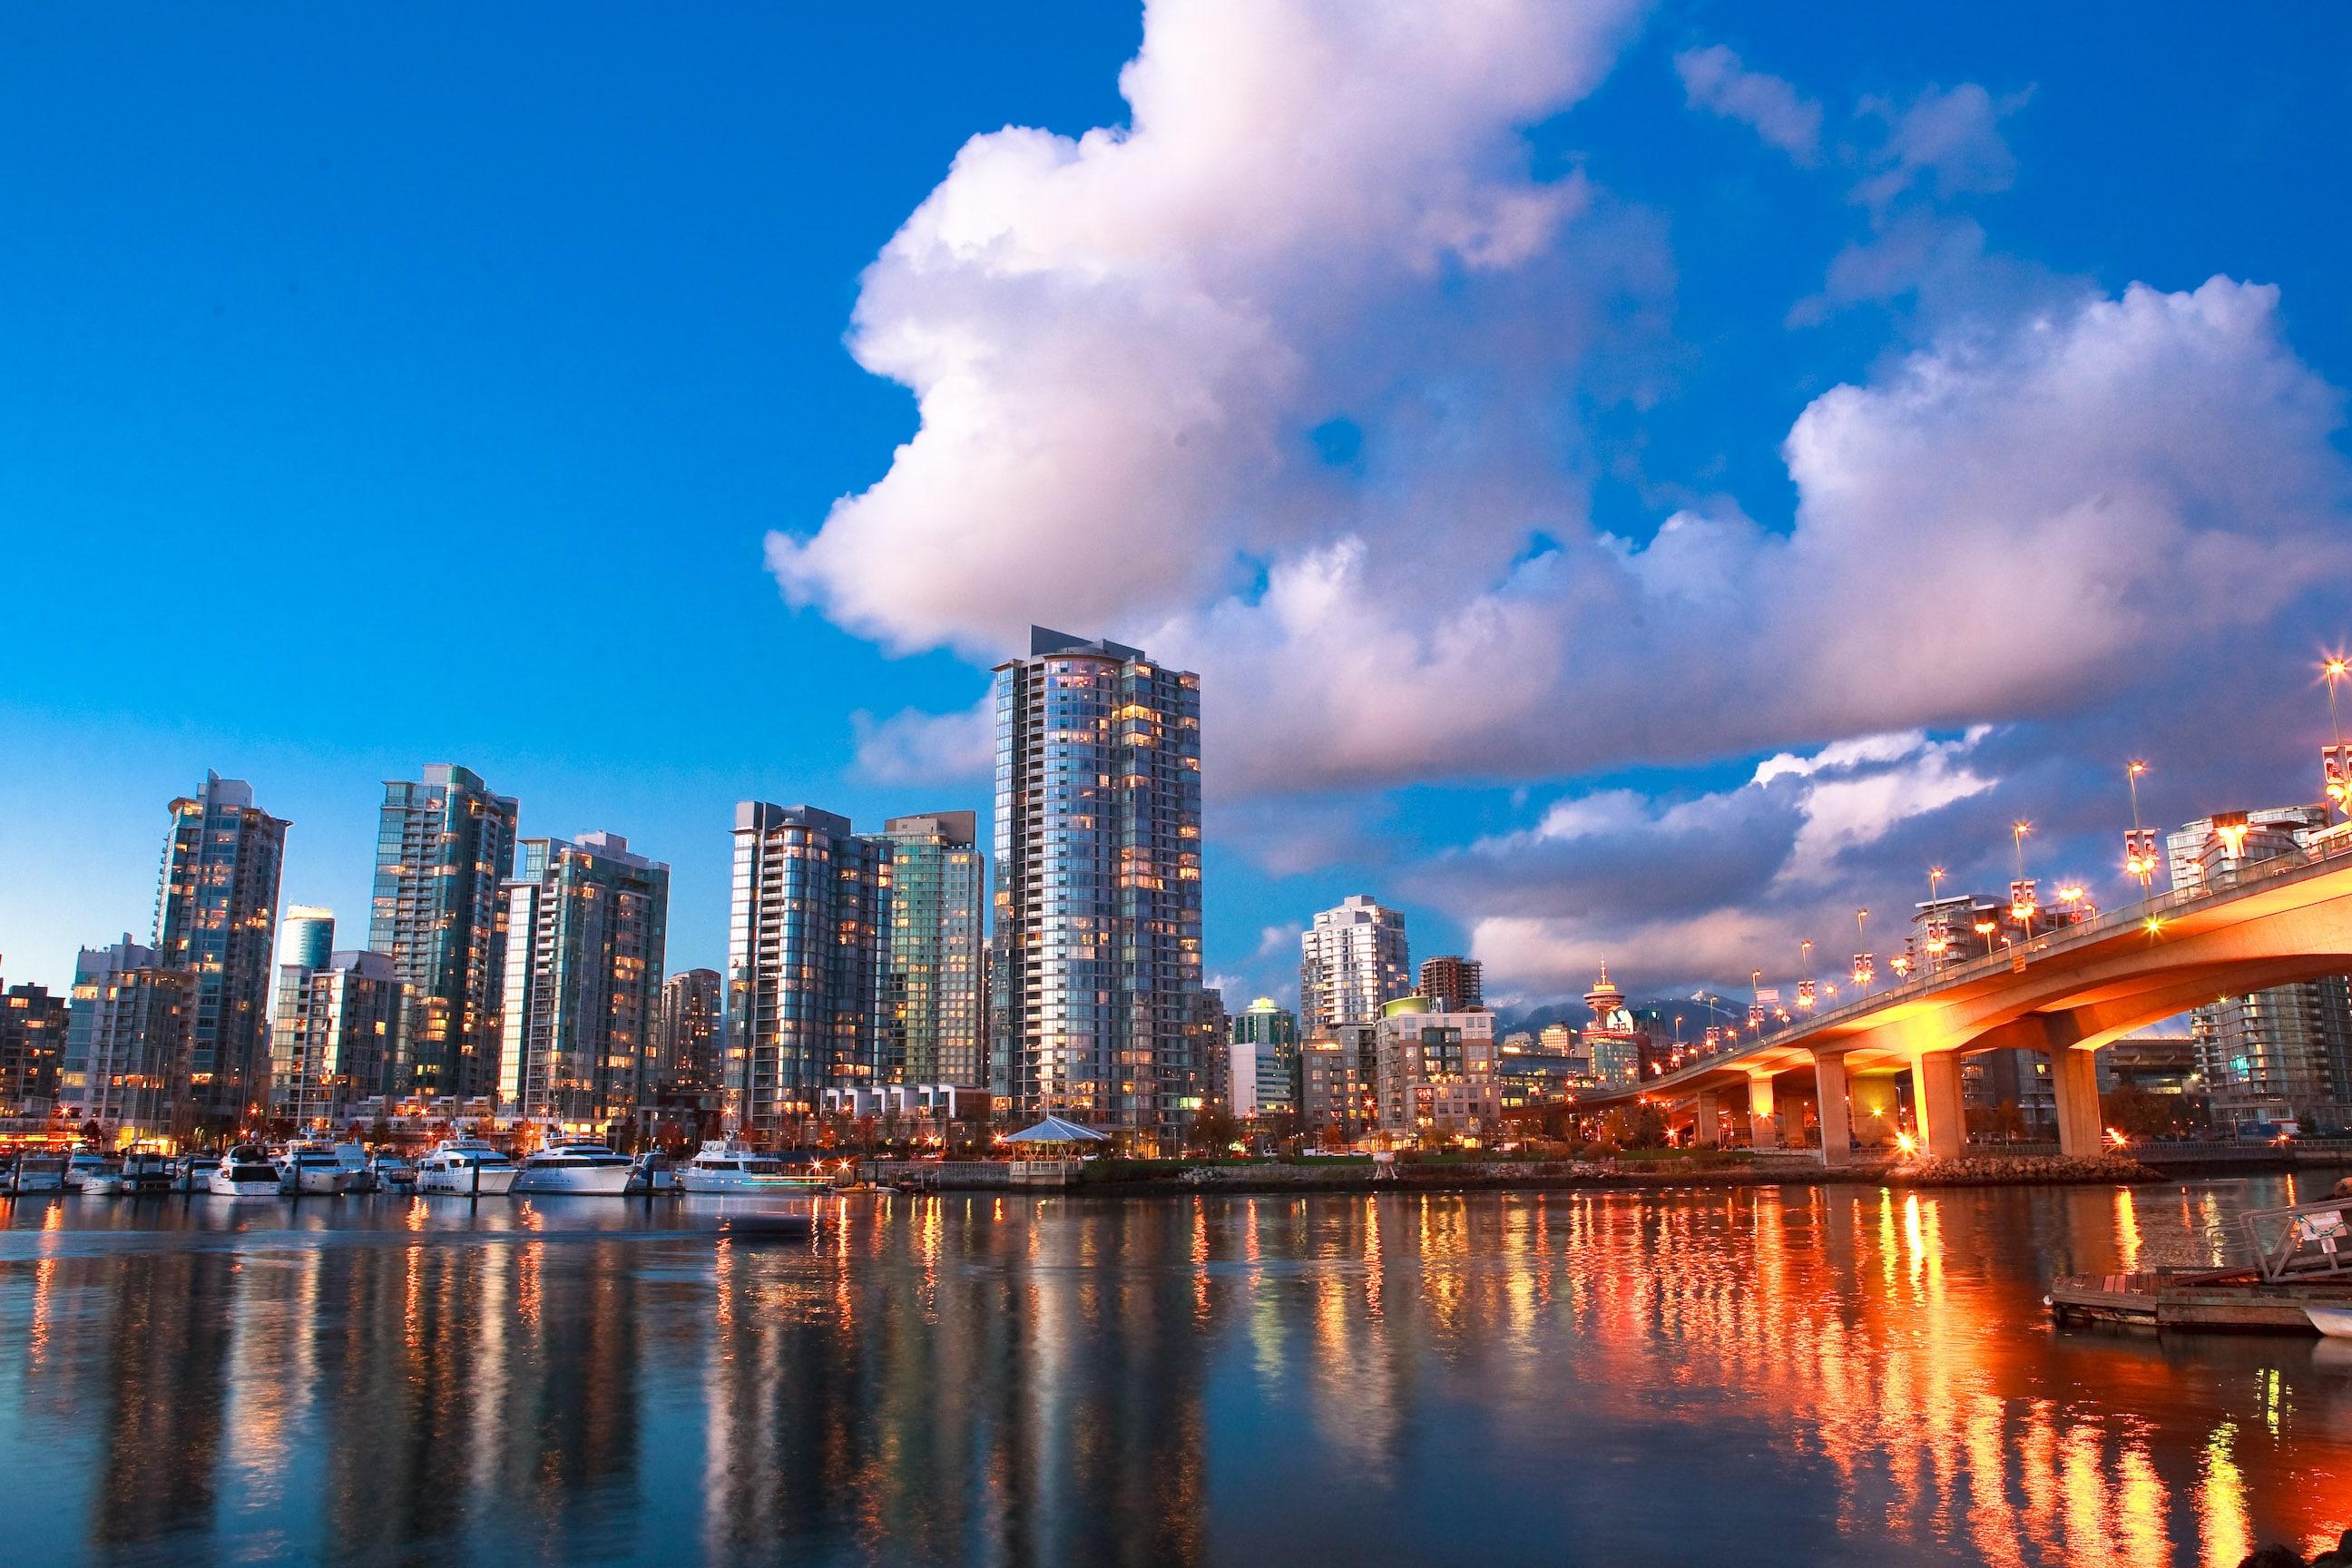 """加拿大房屋及贷款公司(CMHC)5月27日发表楼市展望特别报告,对楼市多方面作出预测,包括房价、销售量和开工量,但均被看淡,表示至少要到2022年年底,才可能回到疫情前的水平。该报告预测,全国平均房价会较疫情前下跌9%至18%,大约在49.3万至51.84万元之间。BC省第4季均价预测低位只有64.2万元,2021年整年及2022年初会继续跌。这项预测认为,房地产行业面临压力,看不到快速V形复苏的迹象。市场可能会以较慢的""""U""""形恢复,而悲观情况下是更平坦更长的""""..."""